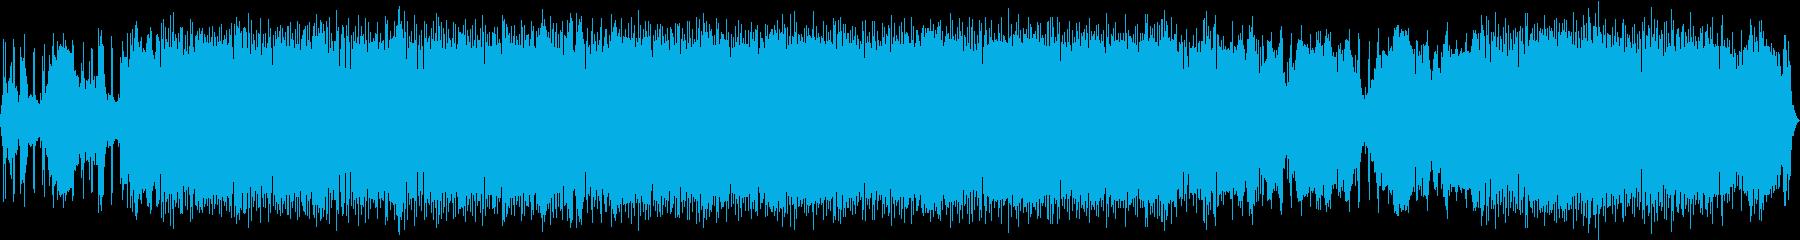 ラウンジ、テクノロジー。ニュージャ...の再生済みの波形